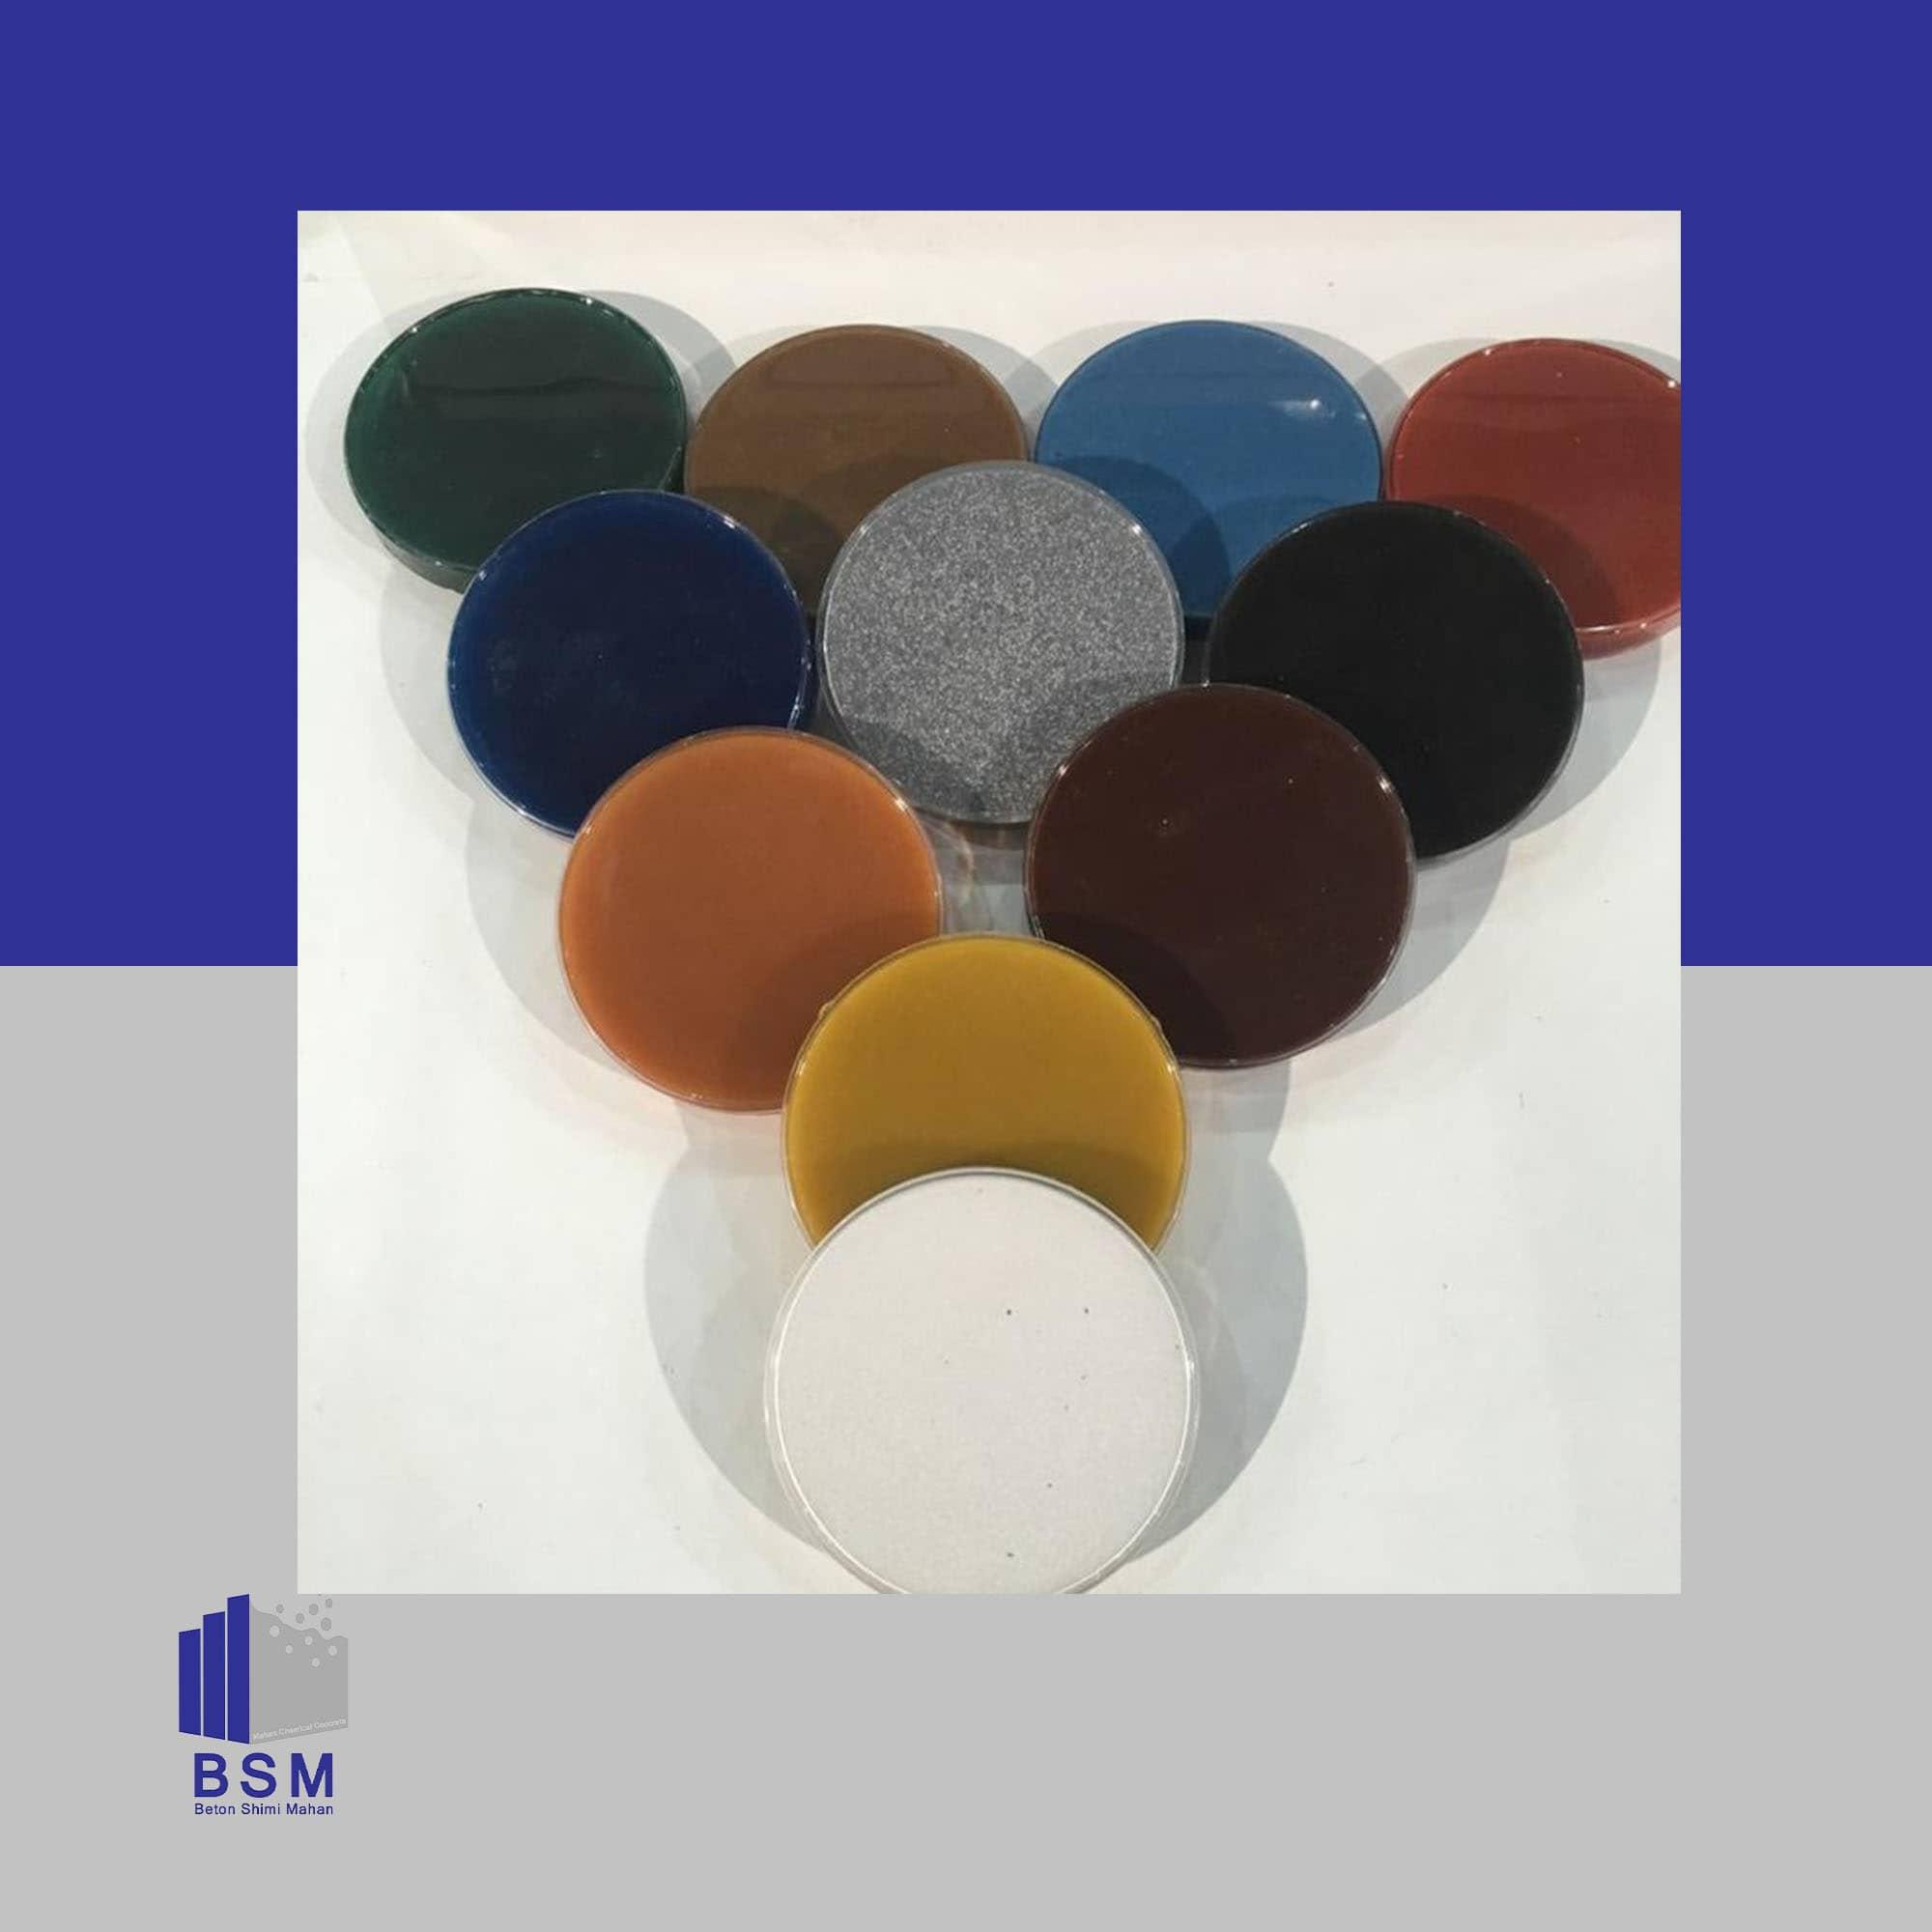 ملات و پوشش اپوکسی bsmgrout Epoxy 2c محصولی دو جزئی بوده که به نسبت 2 به 1 به خوبی مخلوط شده و پس از اختلاط ملات هموژنی در رنگ های مختلف با ضخامت نازک تا حداکثر 25 سانتی متر را می توان با آن پوشش داد و دارای مقاومت مکانیکی ( فشاری و کششی ) بسیار بالا می باشد.